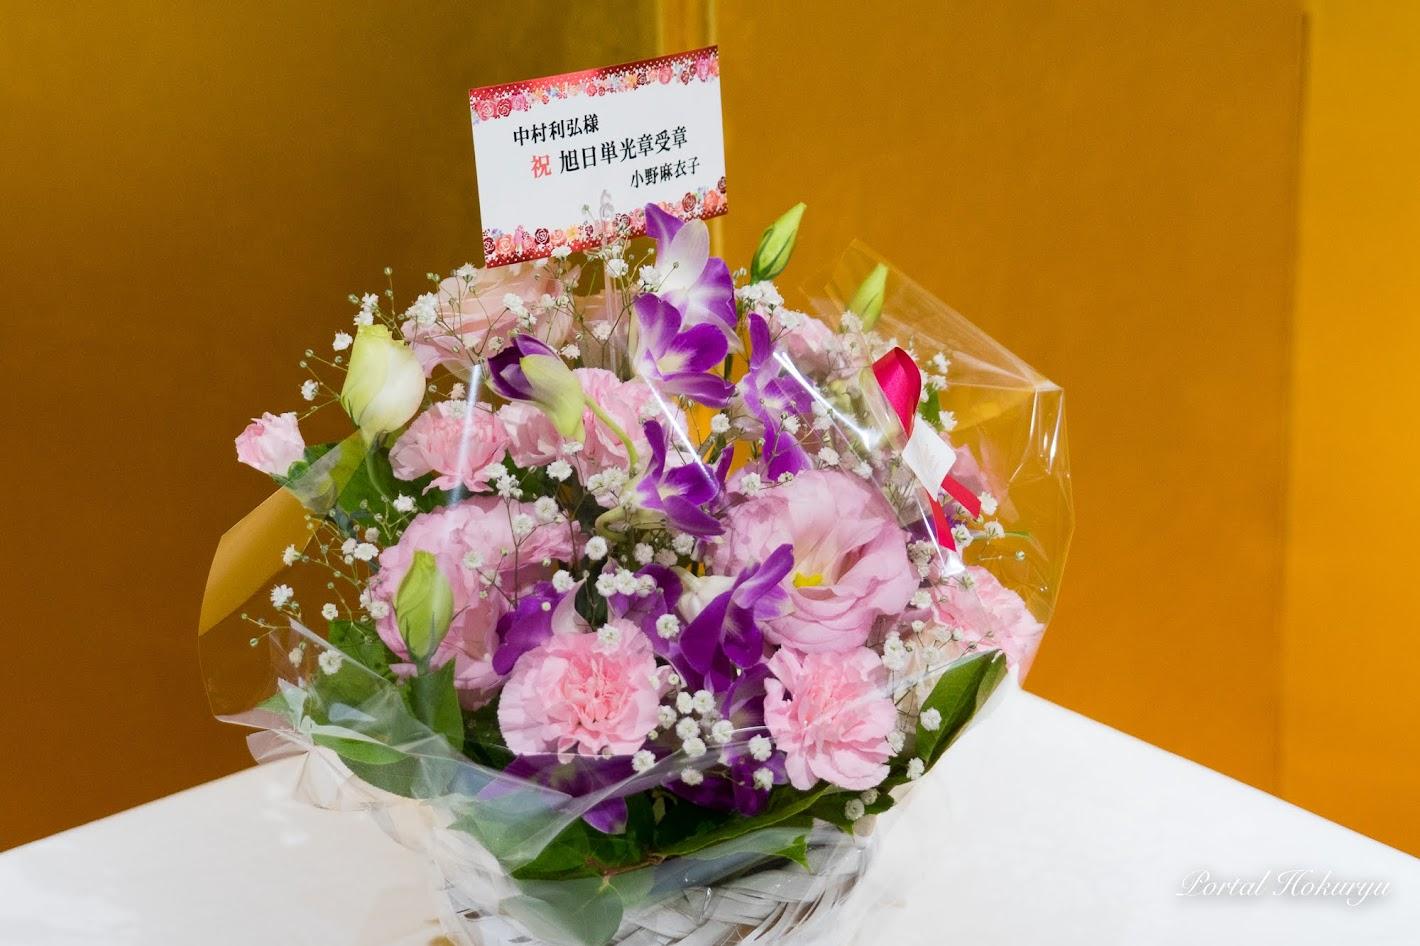 小野麻衣子さん(中村ご夫妻の長女)からのお花